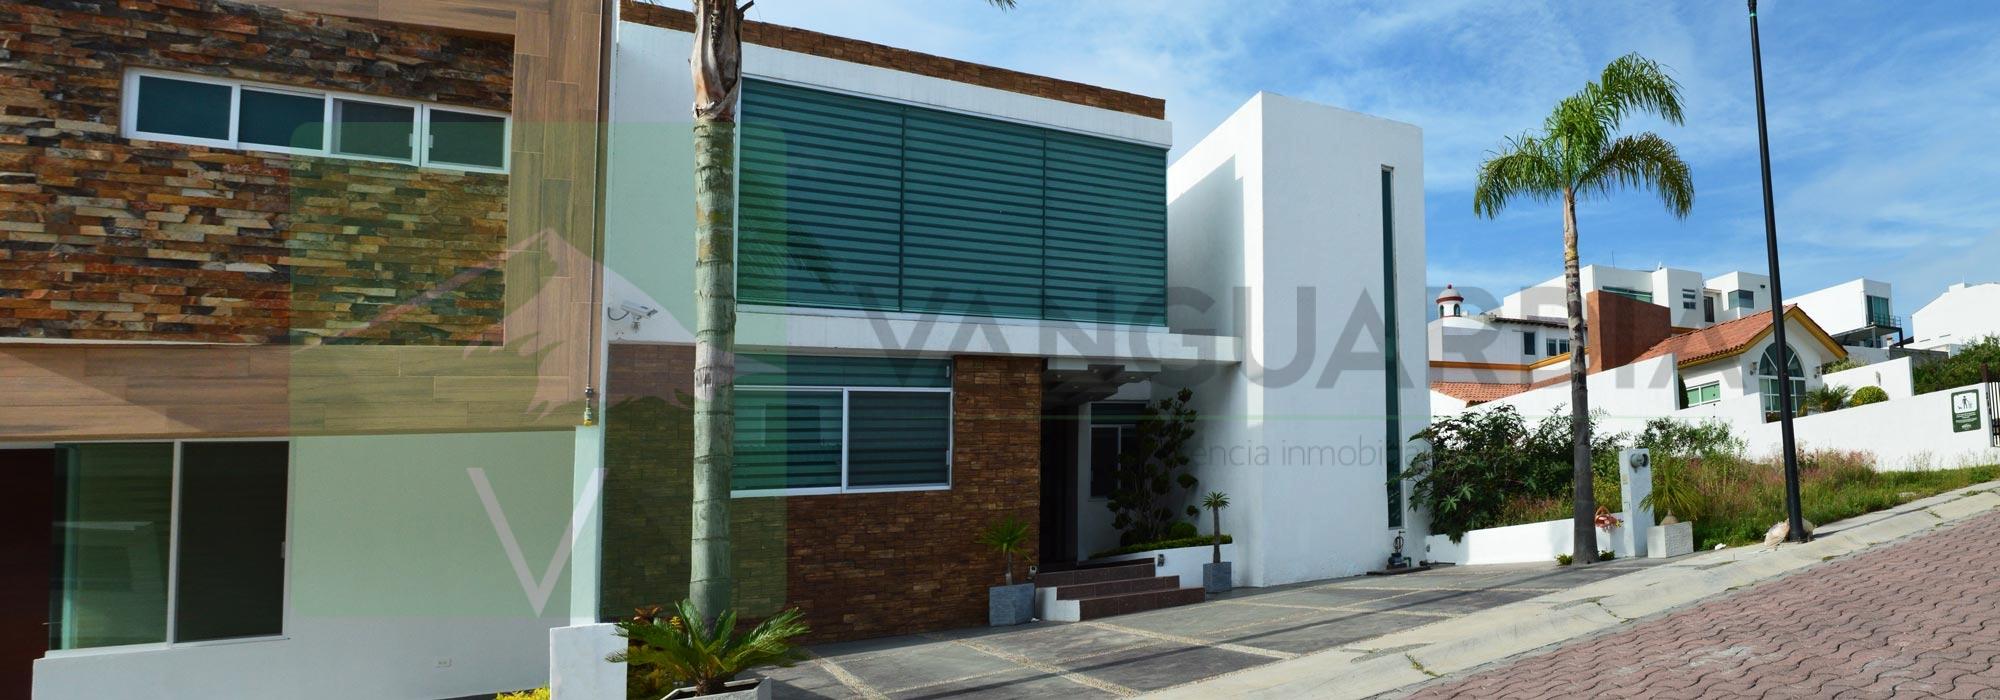 Amplia y lujosa residencia con 4 habitaciones. – Querétaro | Cumbres Del Cimatario